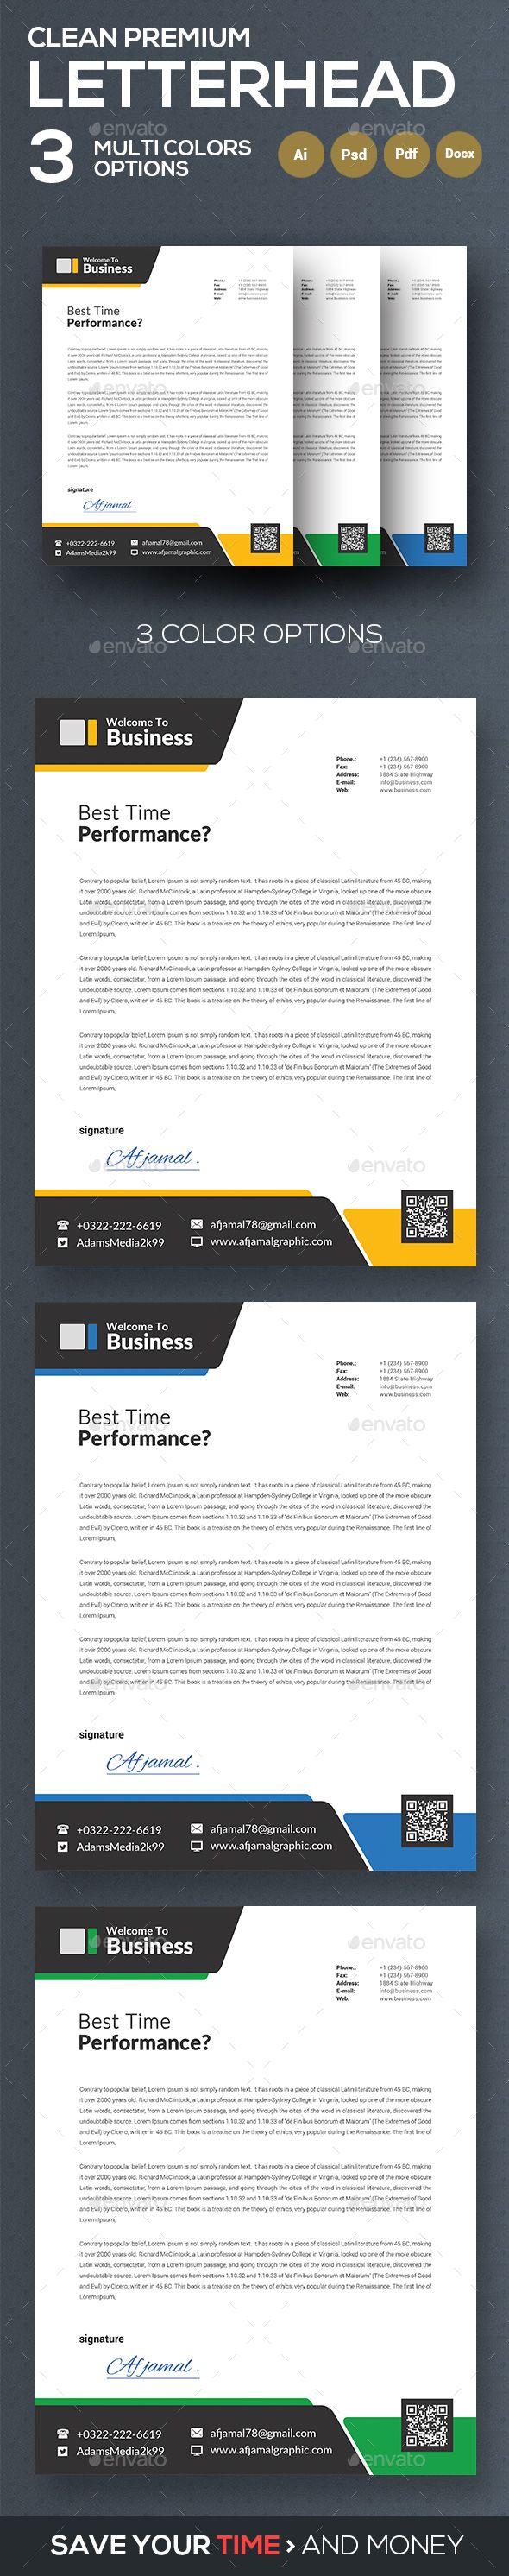 downloadable letterhead templates